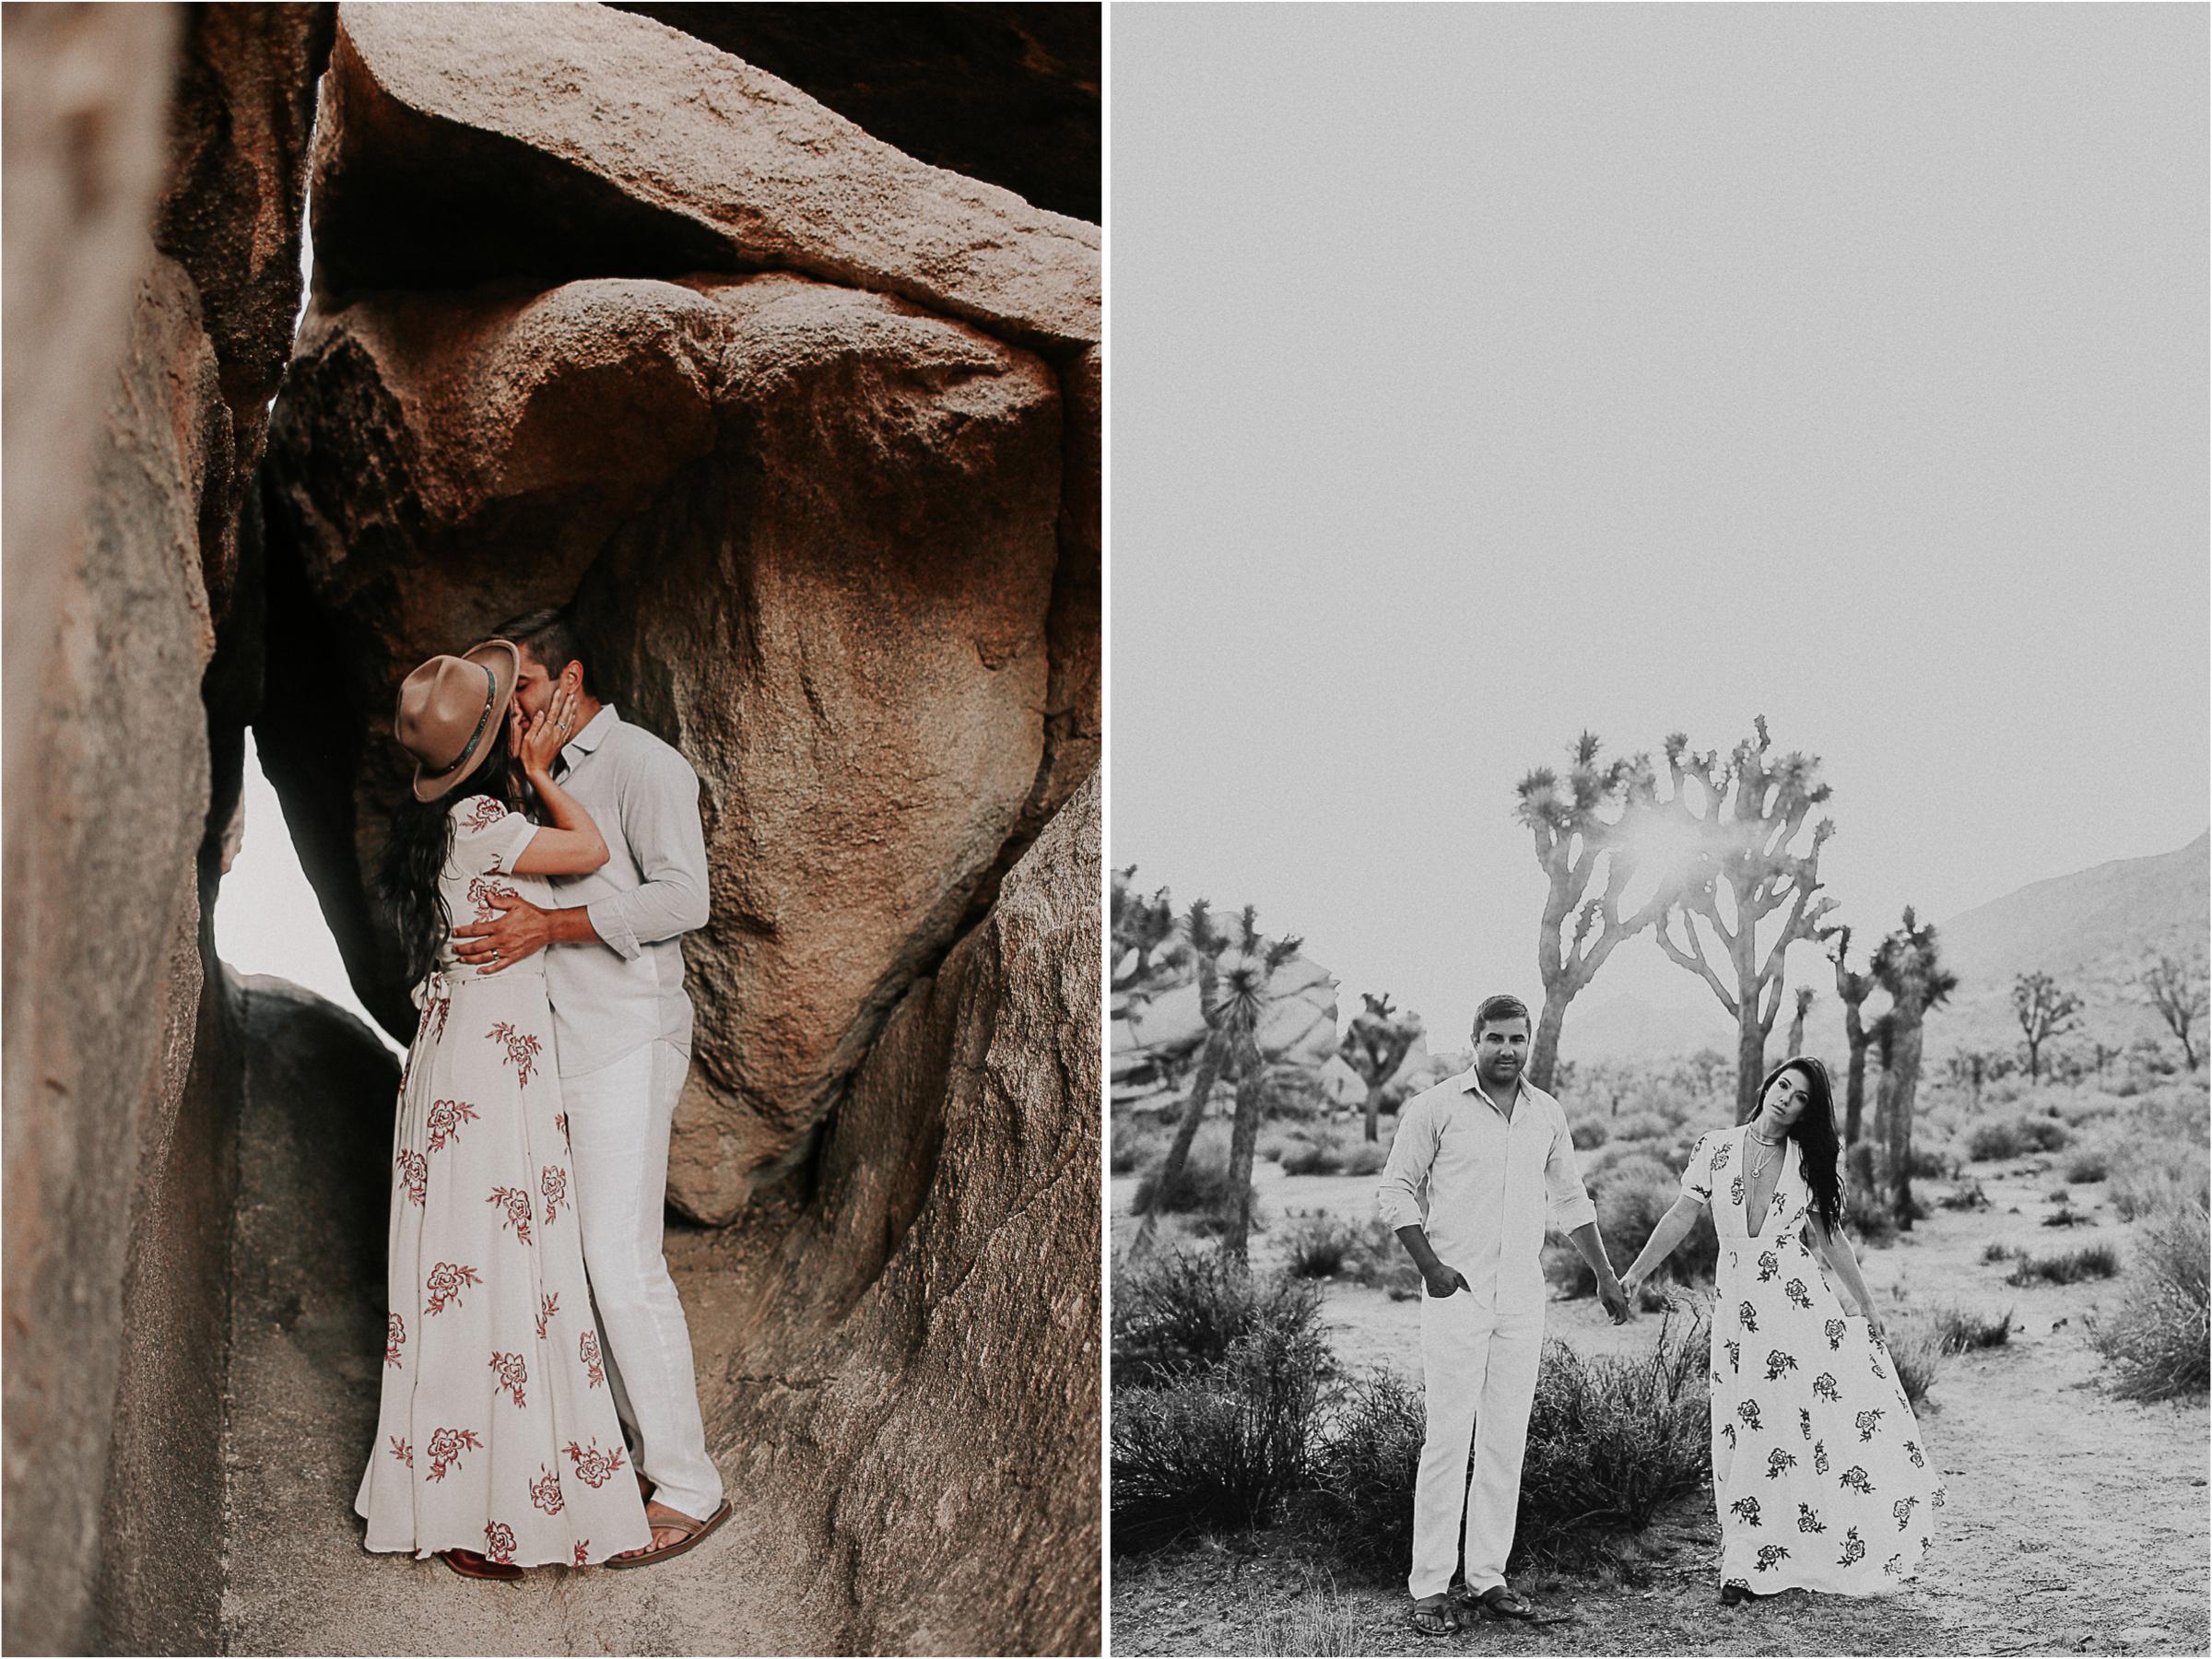 Desert_Engagement_MelissaMarshall_19.jpg